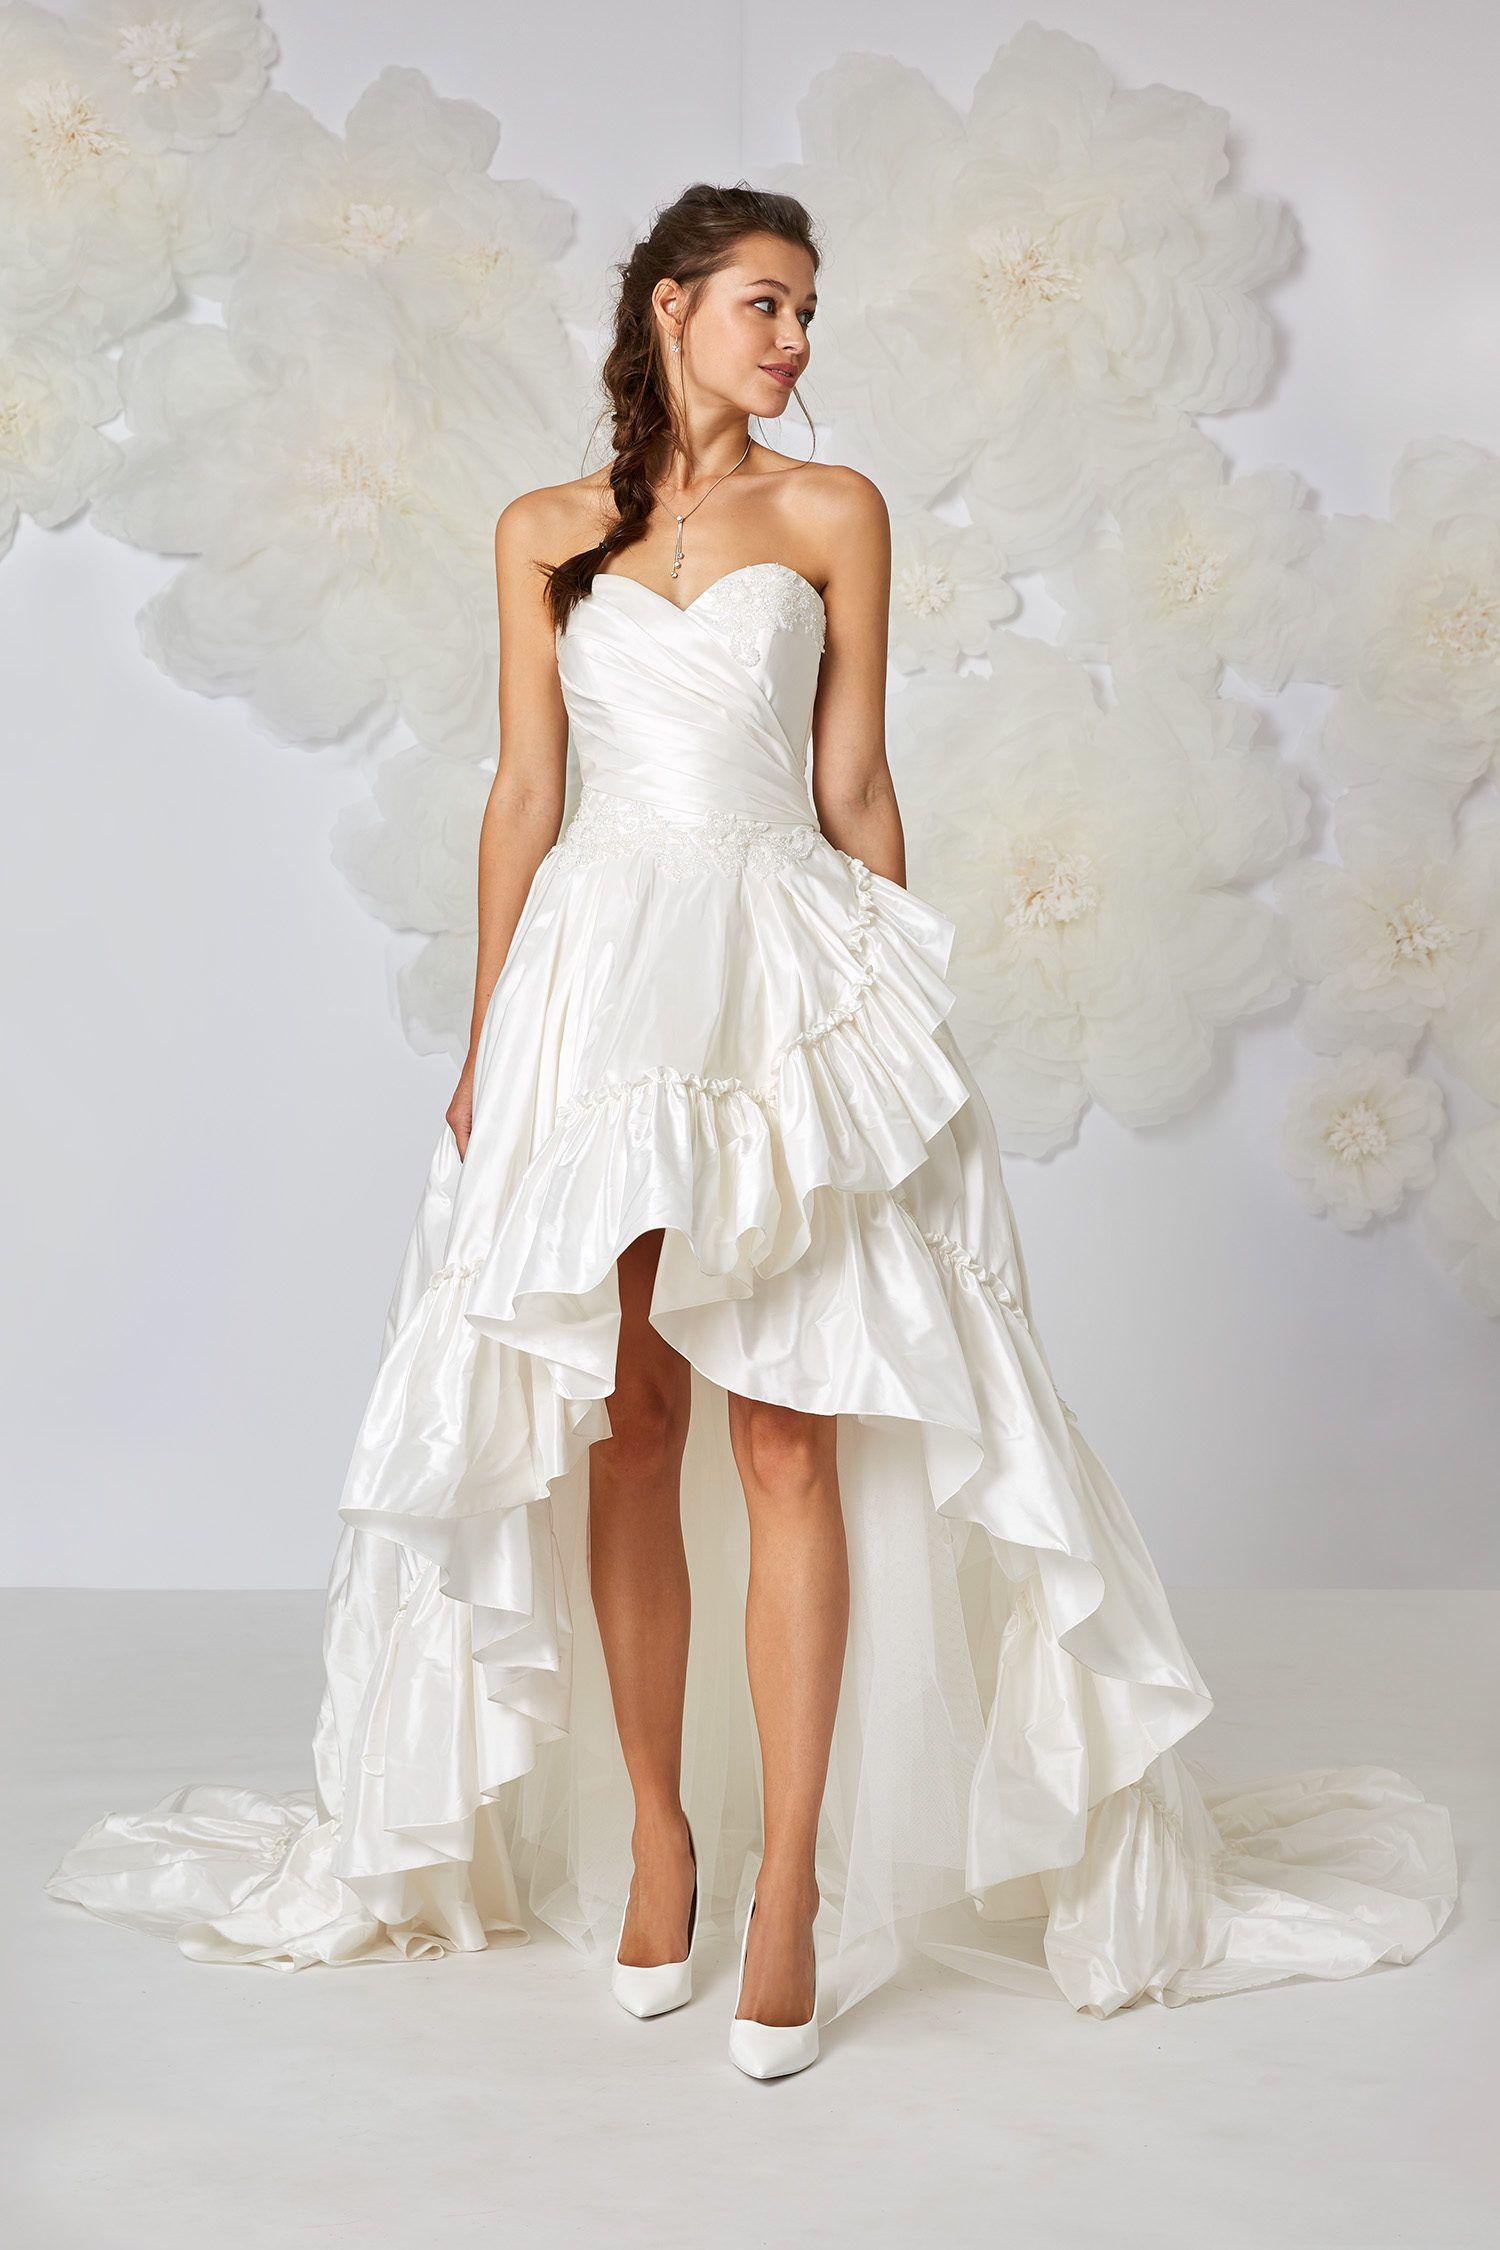 b75ab712633 Robe de mariée courte devant longue derrière BRIGITTE Atelier Emé ...